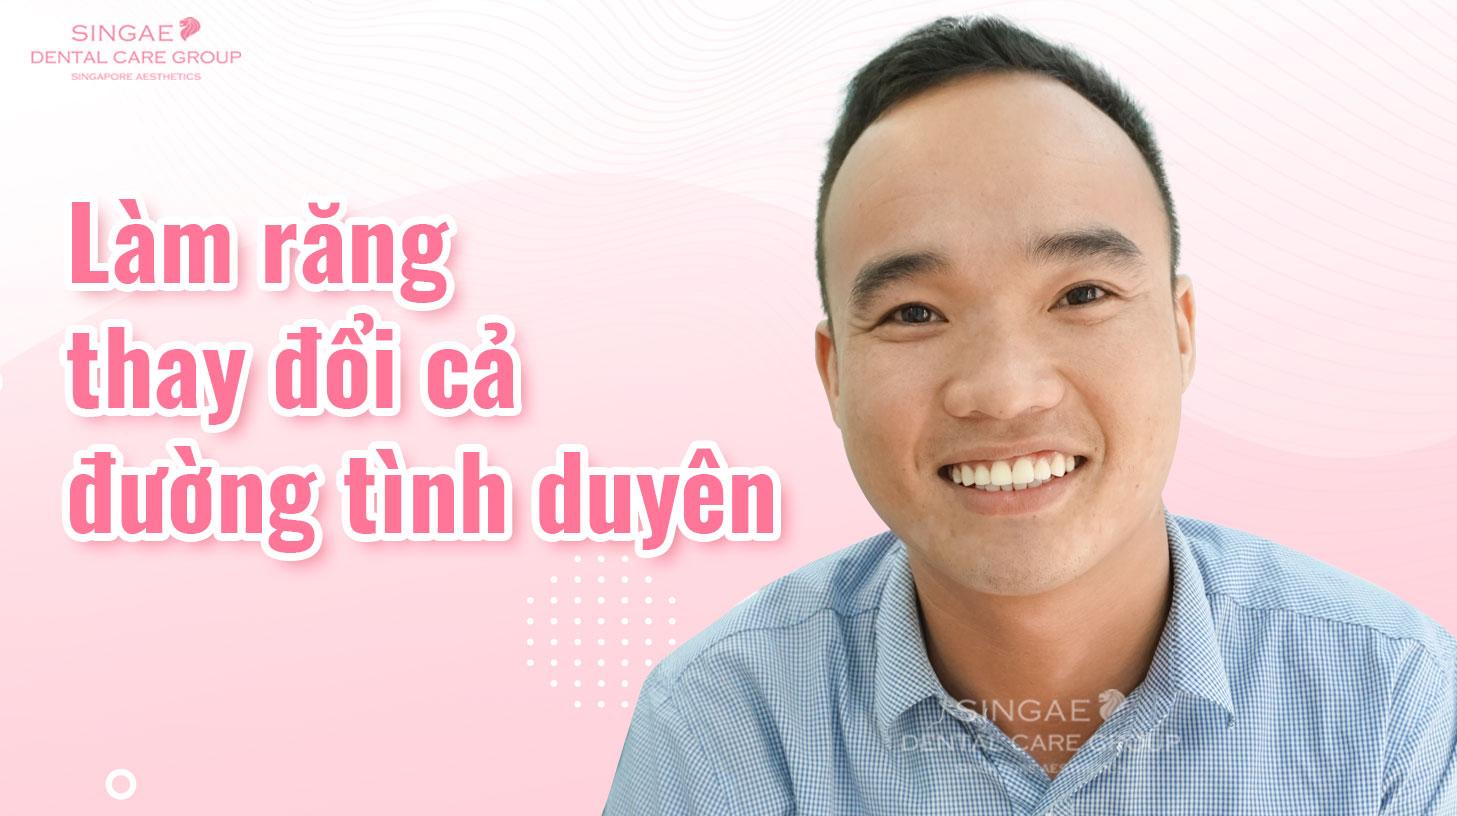 Chàng trai Hà Tĩnh lấy được vợ đảm ngay sau khi bọc răng sứ